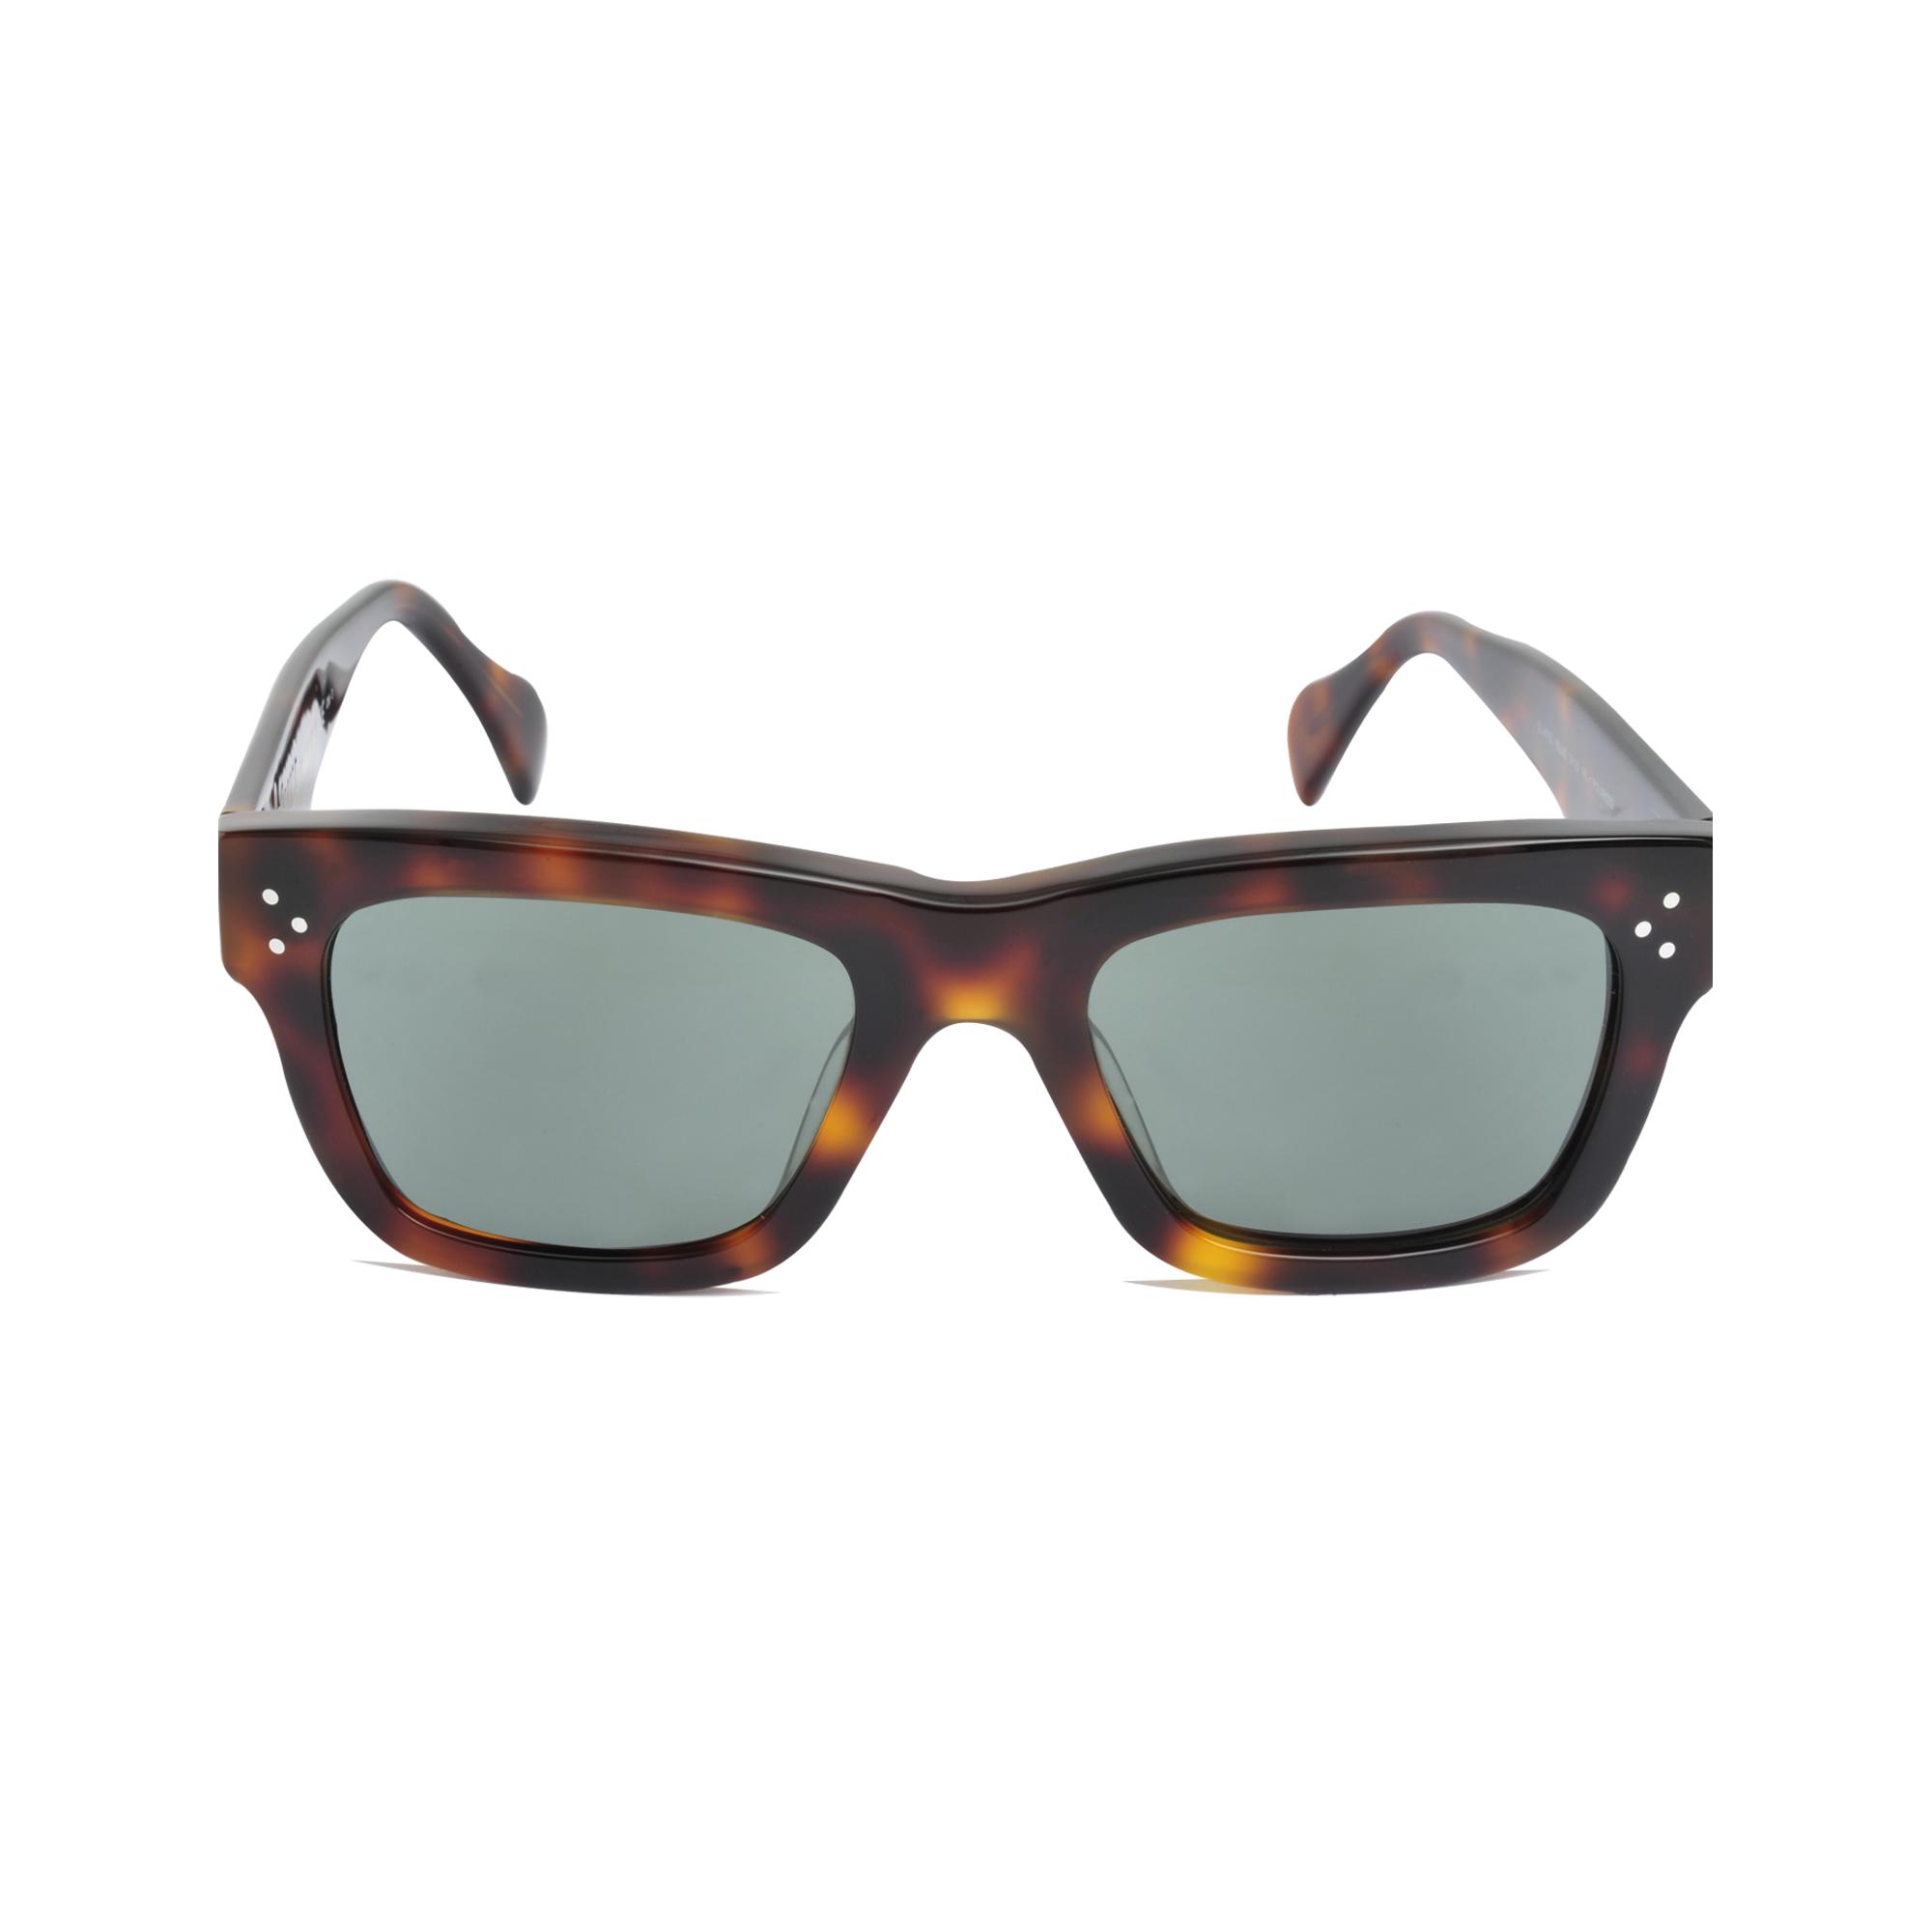 8fdd5de894e8 Céline Polarized Sunglasses Cl 41732 in Brown - Lyst